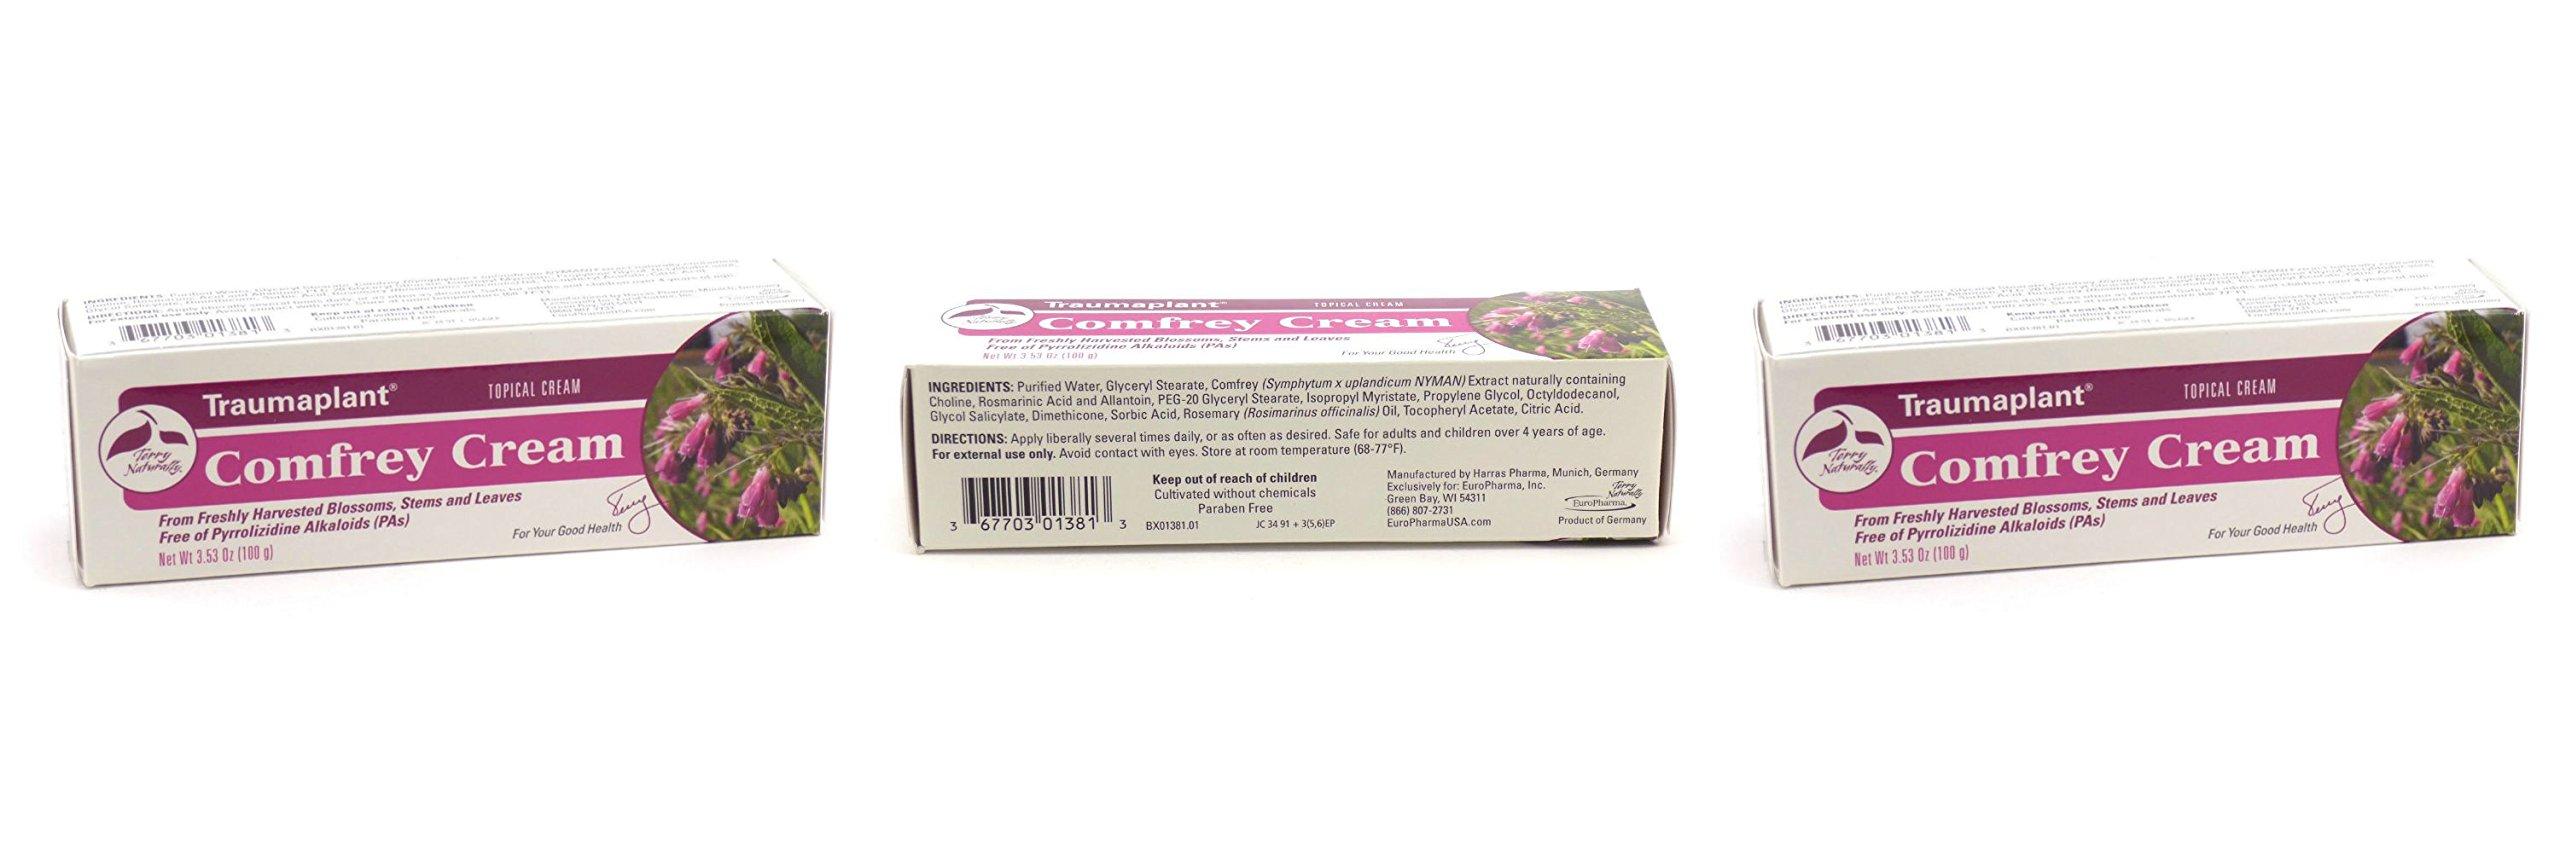 Europharma Terry Naturally Traumaplant Comfrey Cream 100 Grams - 3.53 oz - 3 Pack